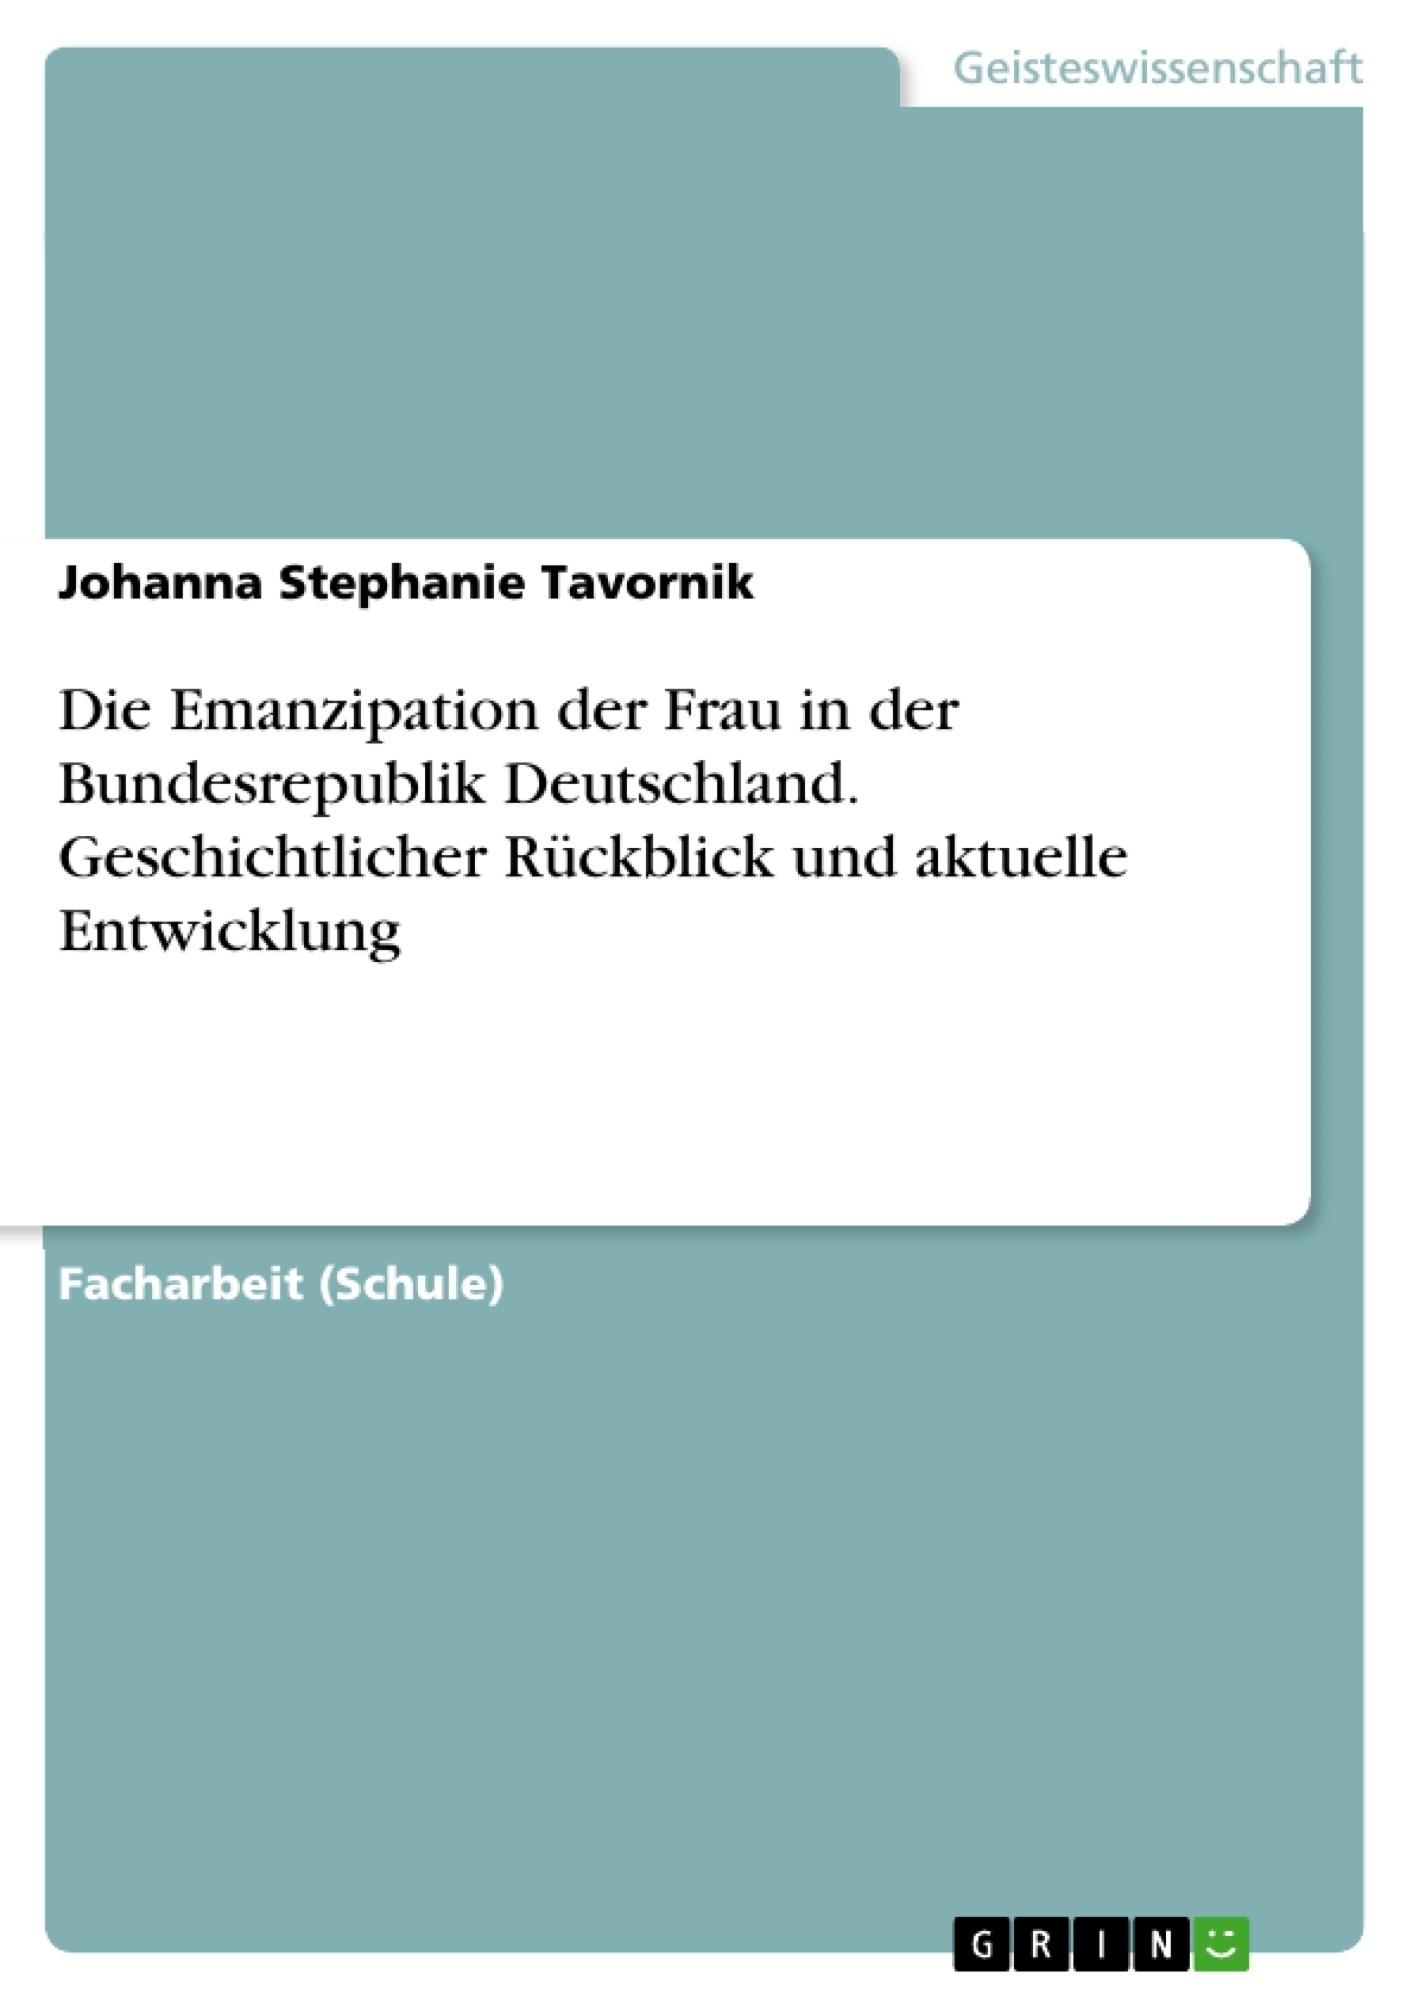 Titel: Die Emanzipation der Frau in der Bundesrepublik Deutschland. Geschichtlicher Rückblick und aktuelle Entwicklung